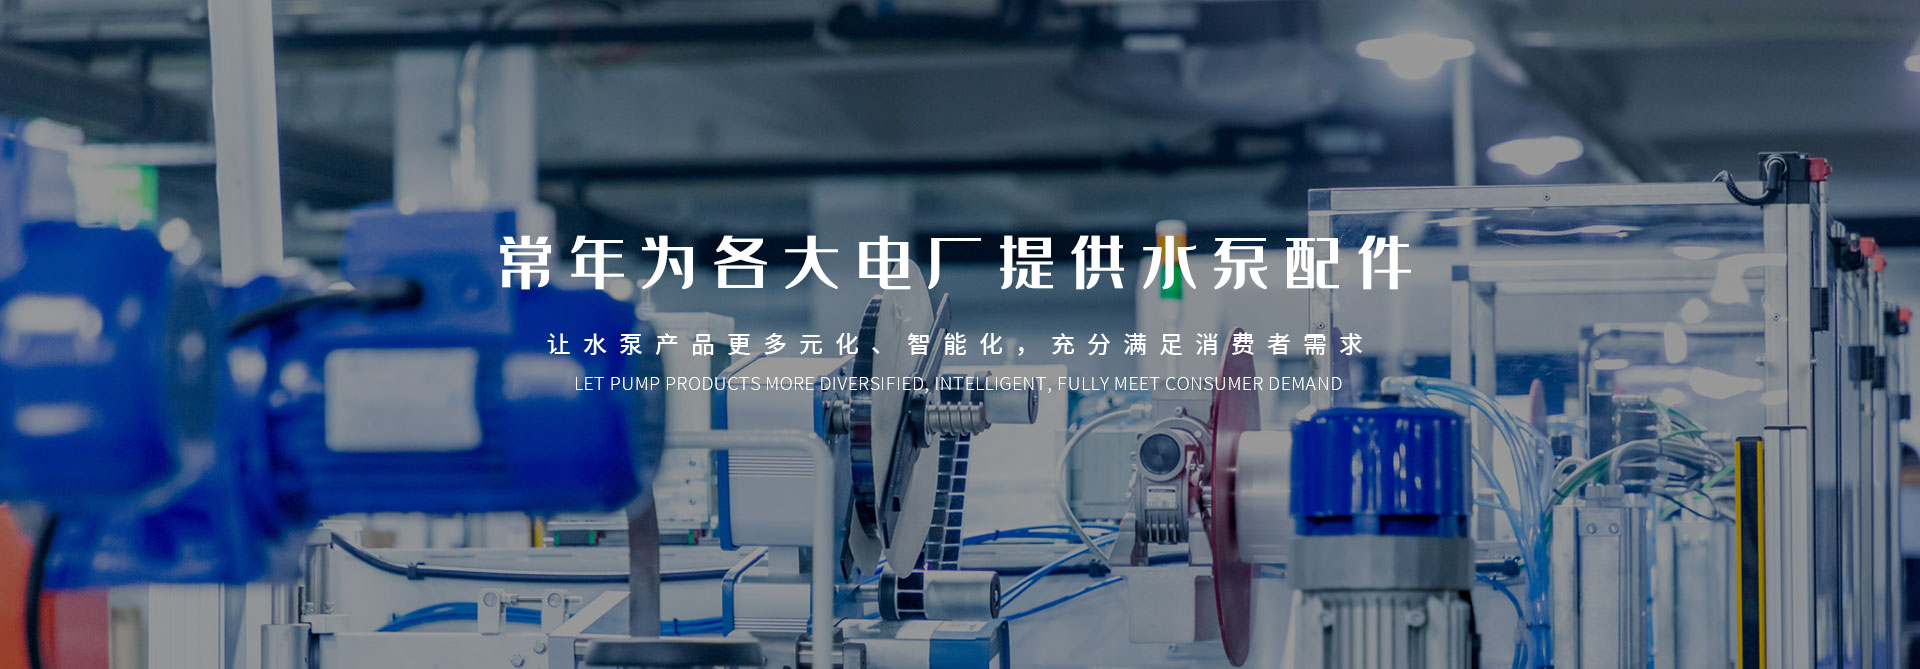 沈阳水泵厂